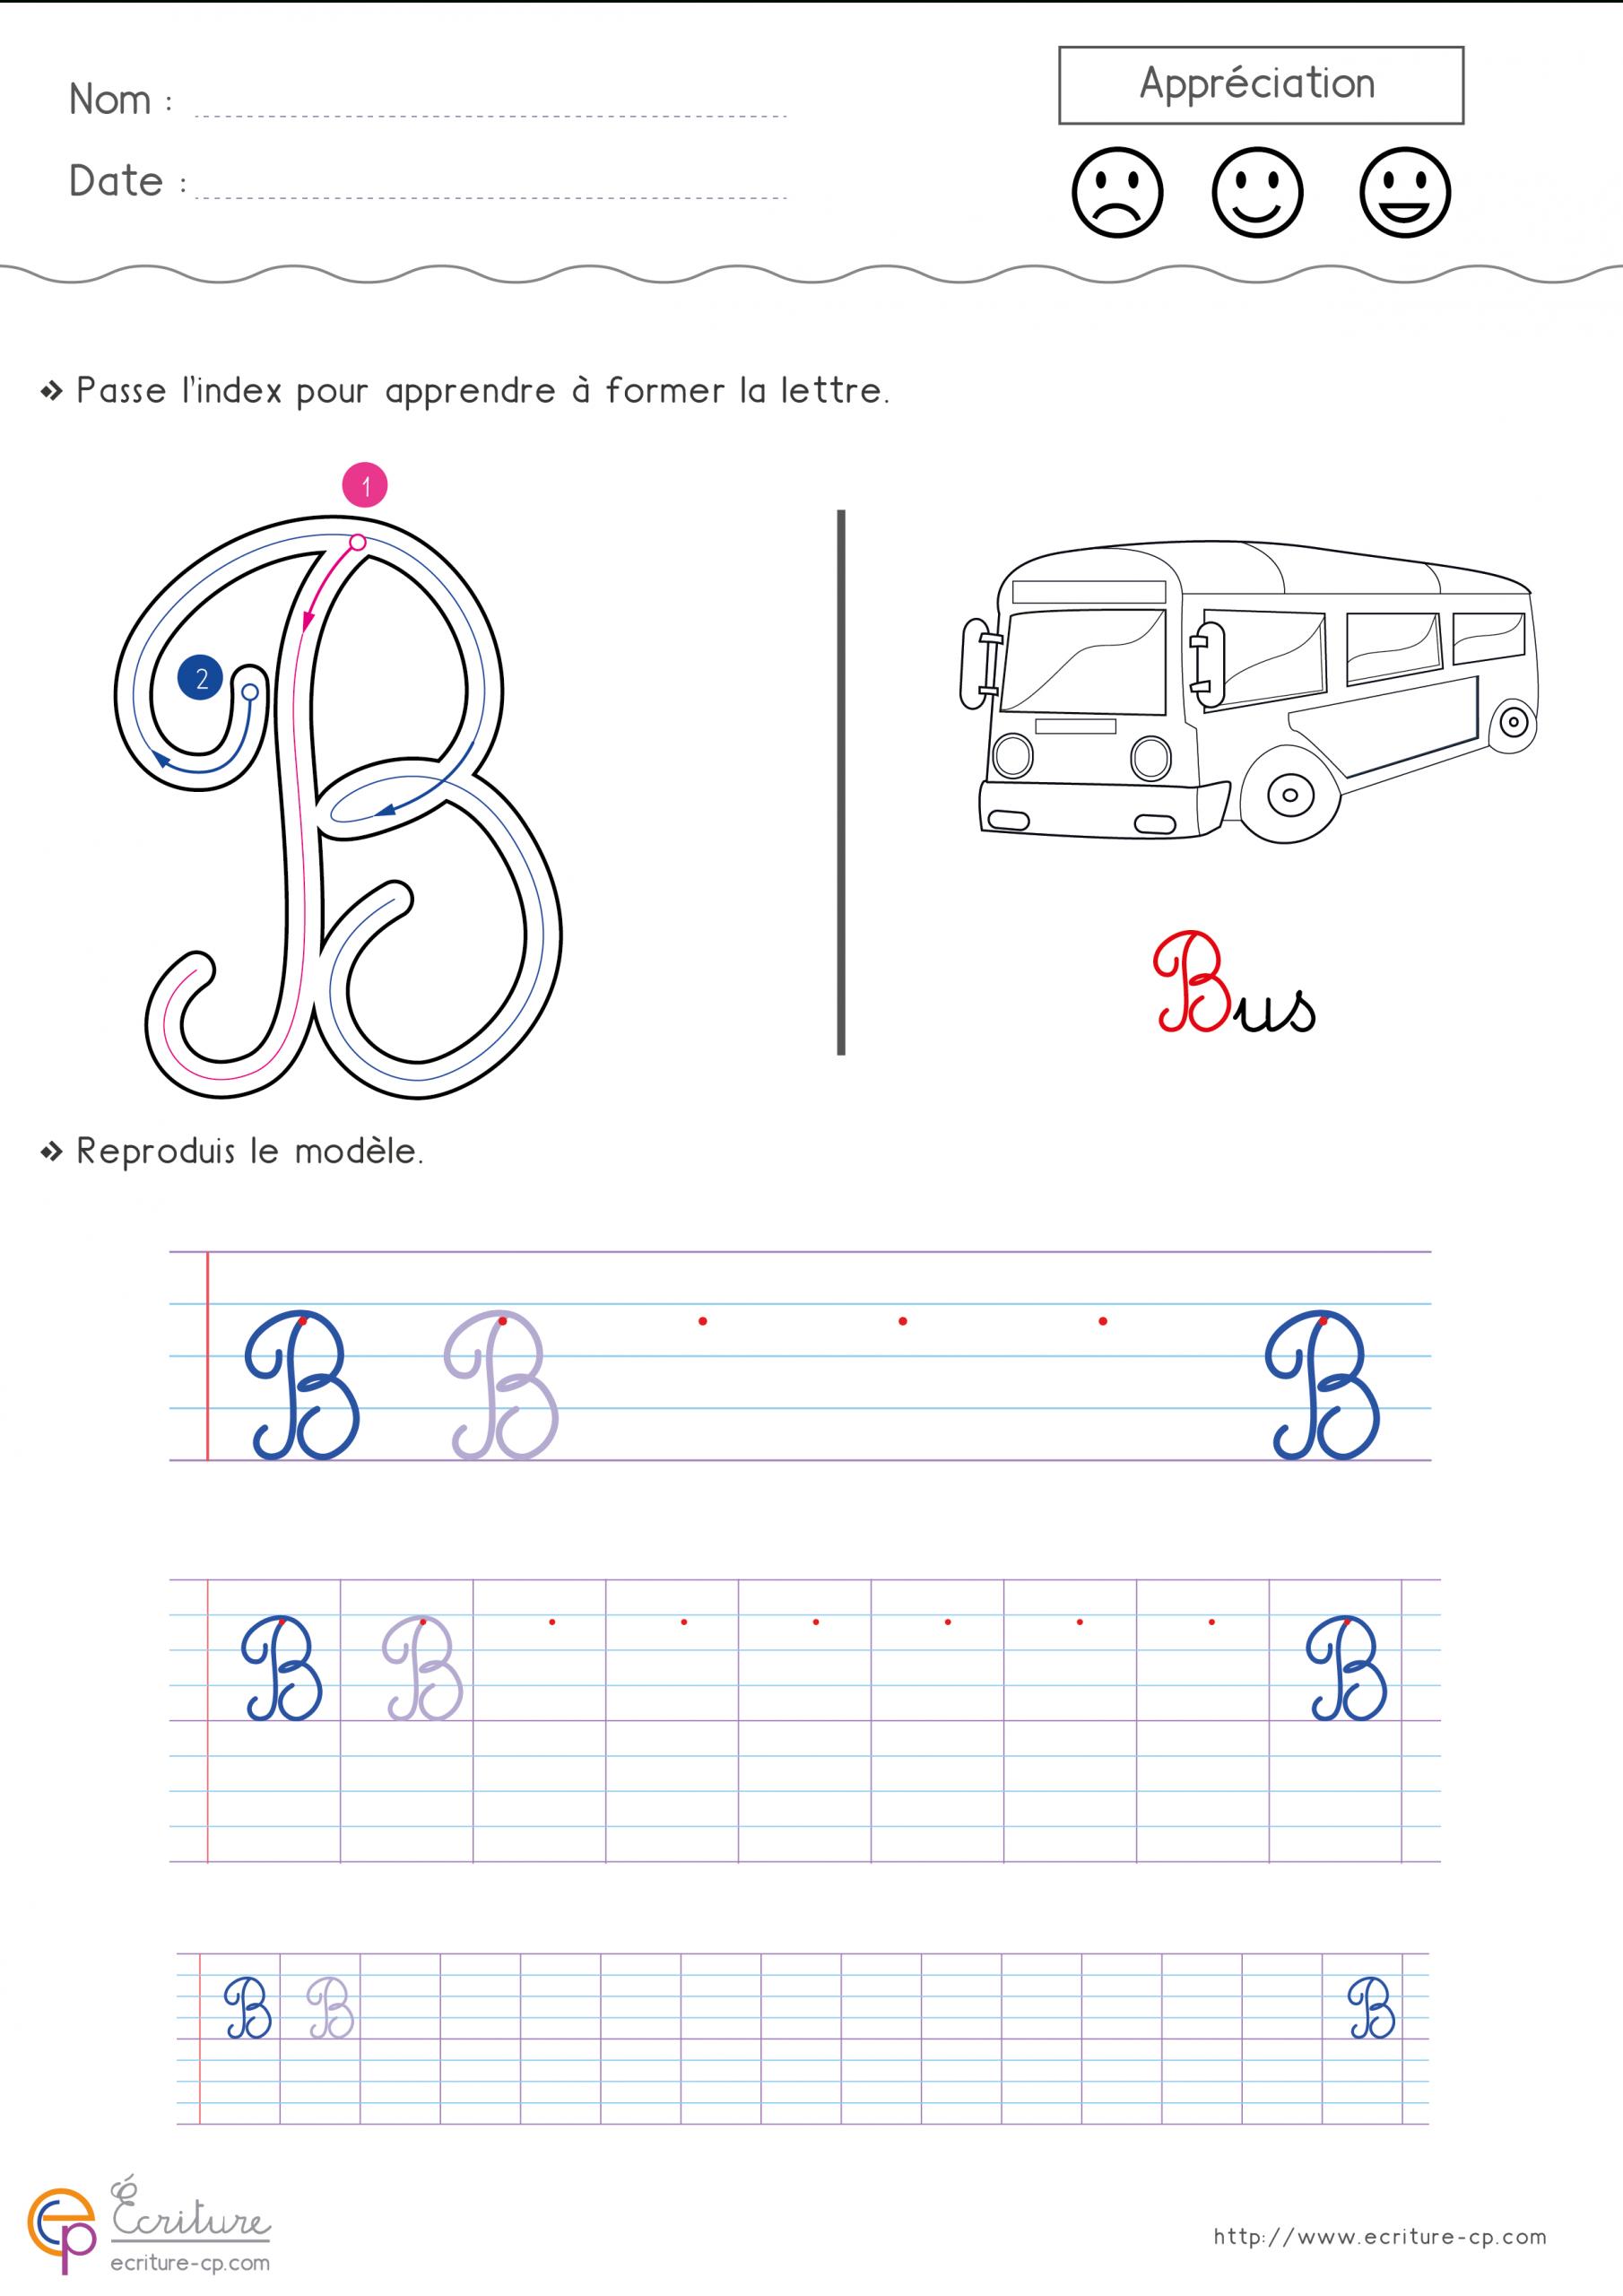 Épinglé Sur Images Diverses à Apprendre A Ecrire Les Lettres En Minuscule